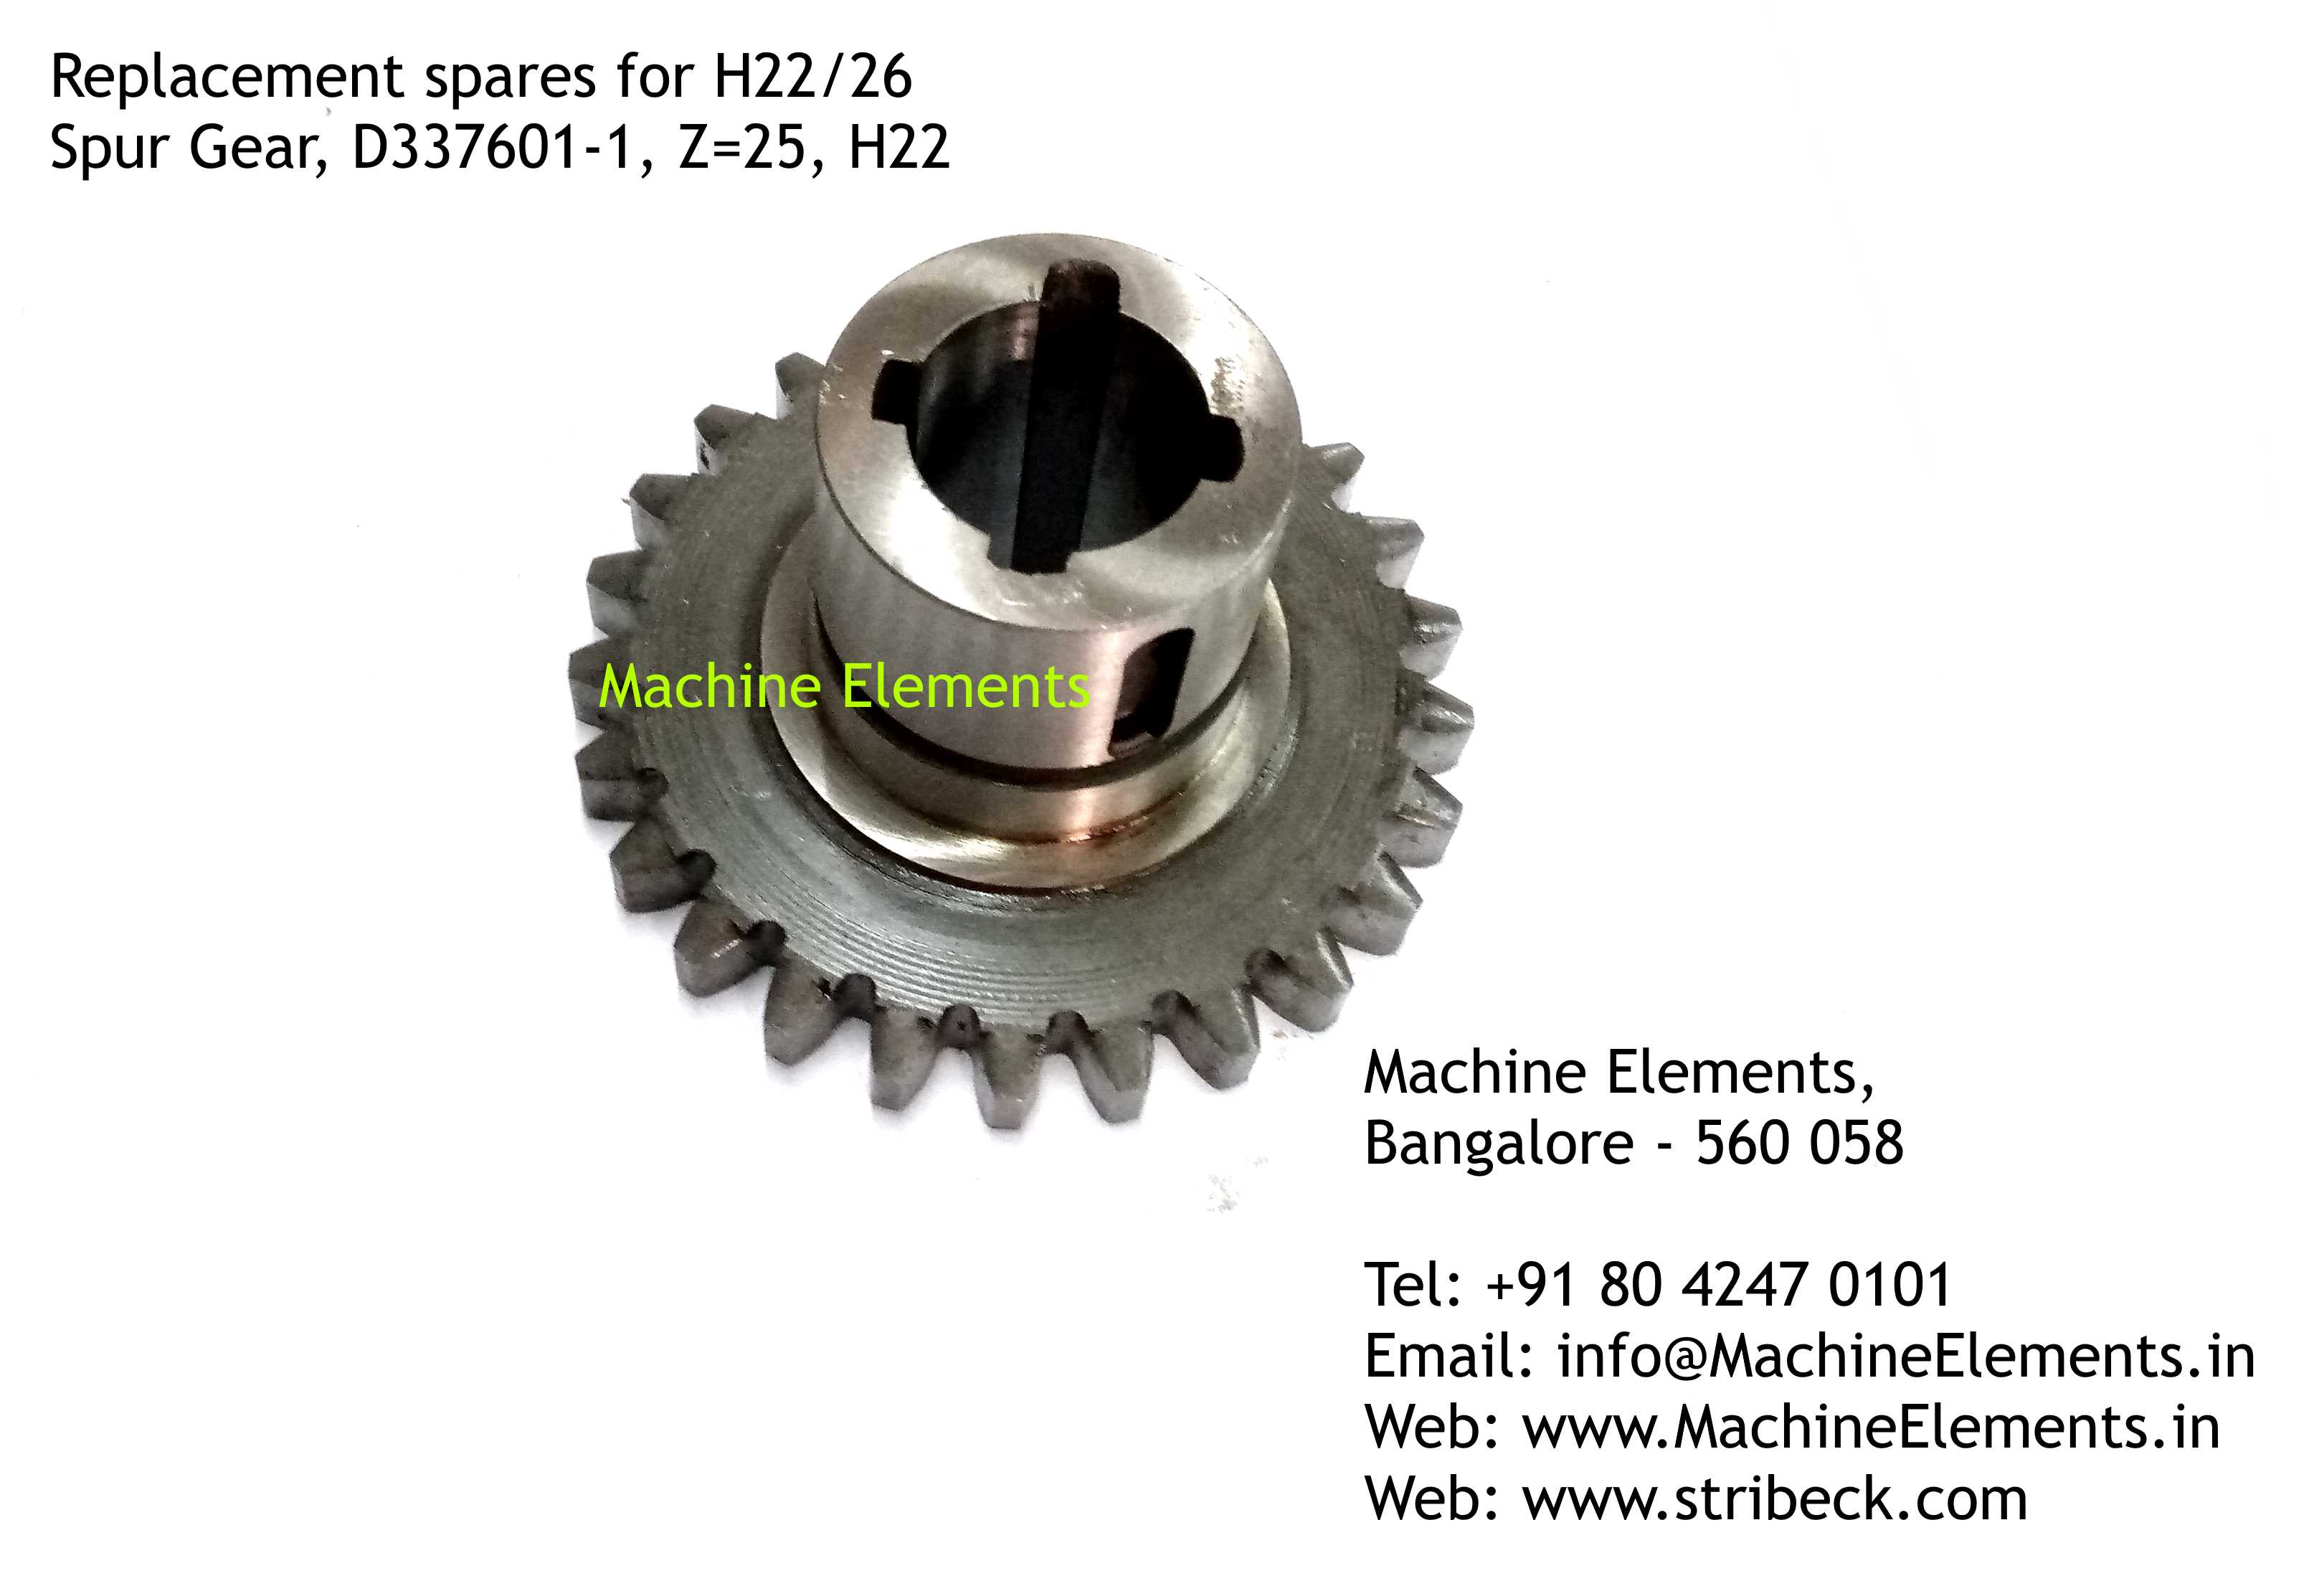 Spur Gear, D337601-1, Z=25